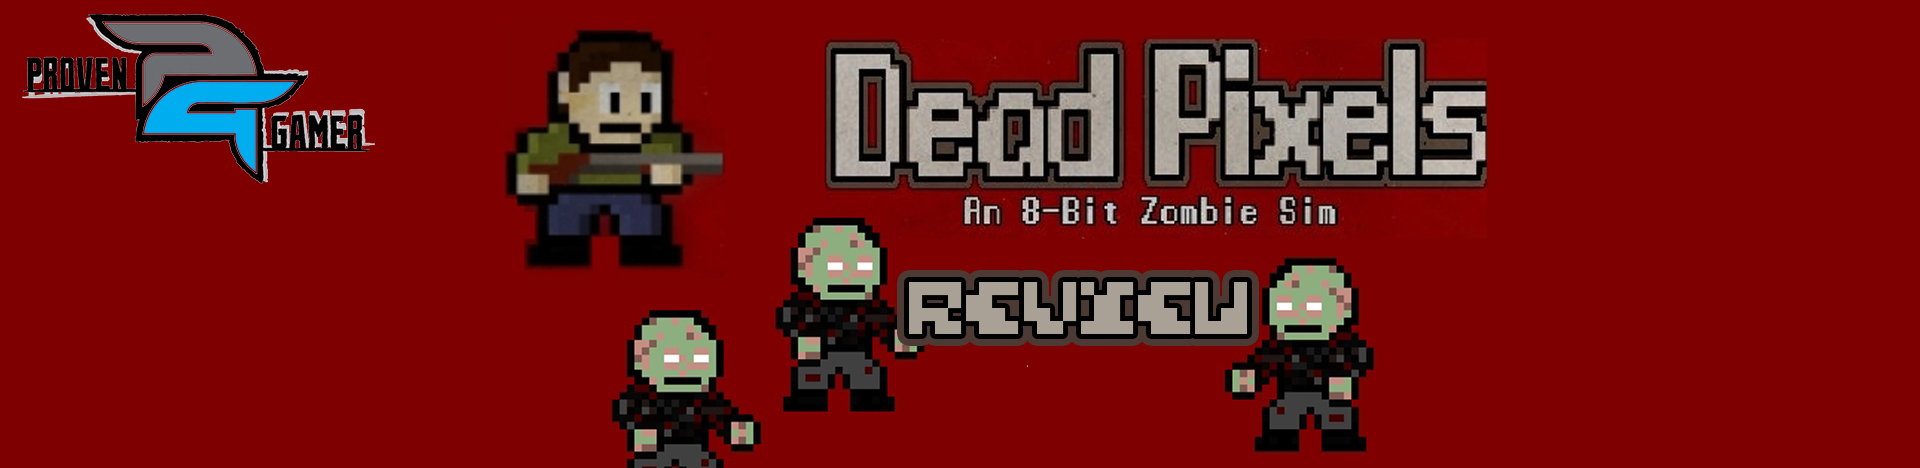 dead_pixels